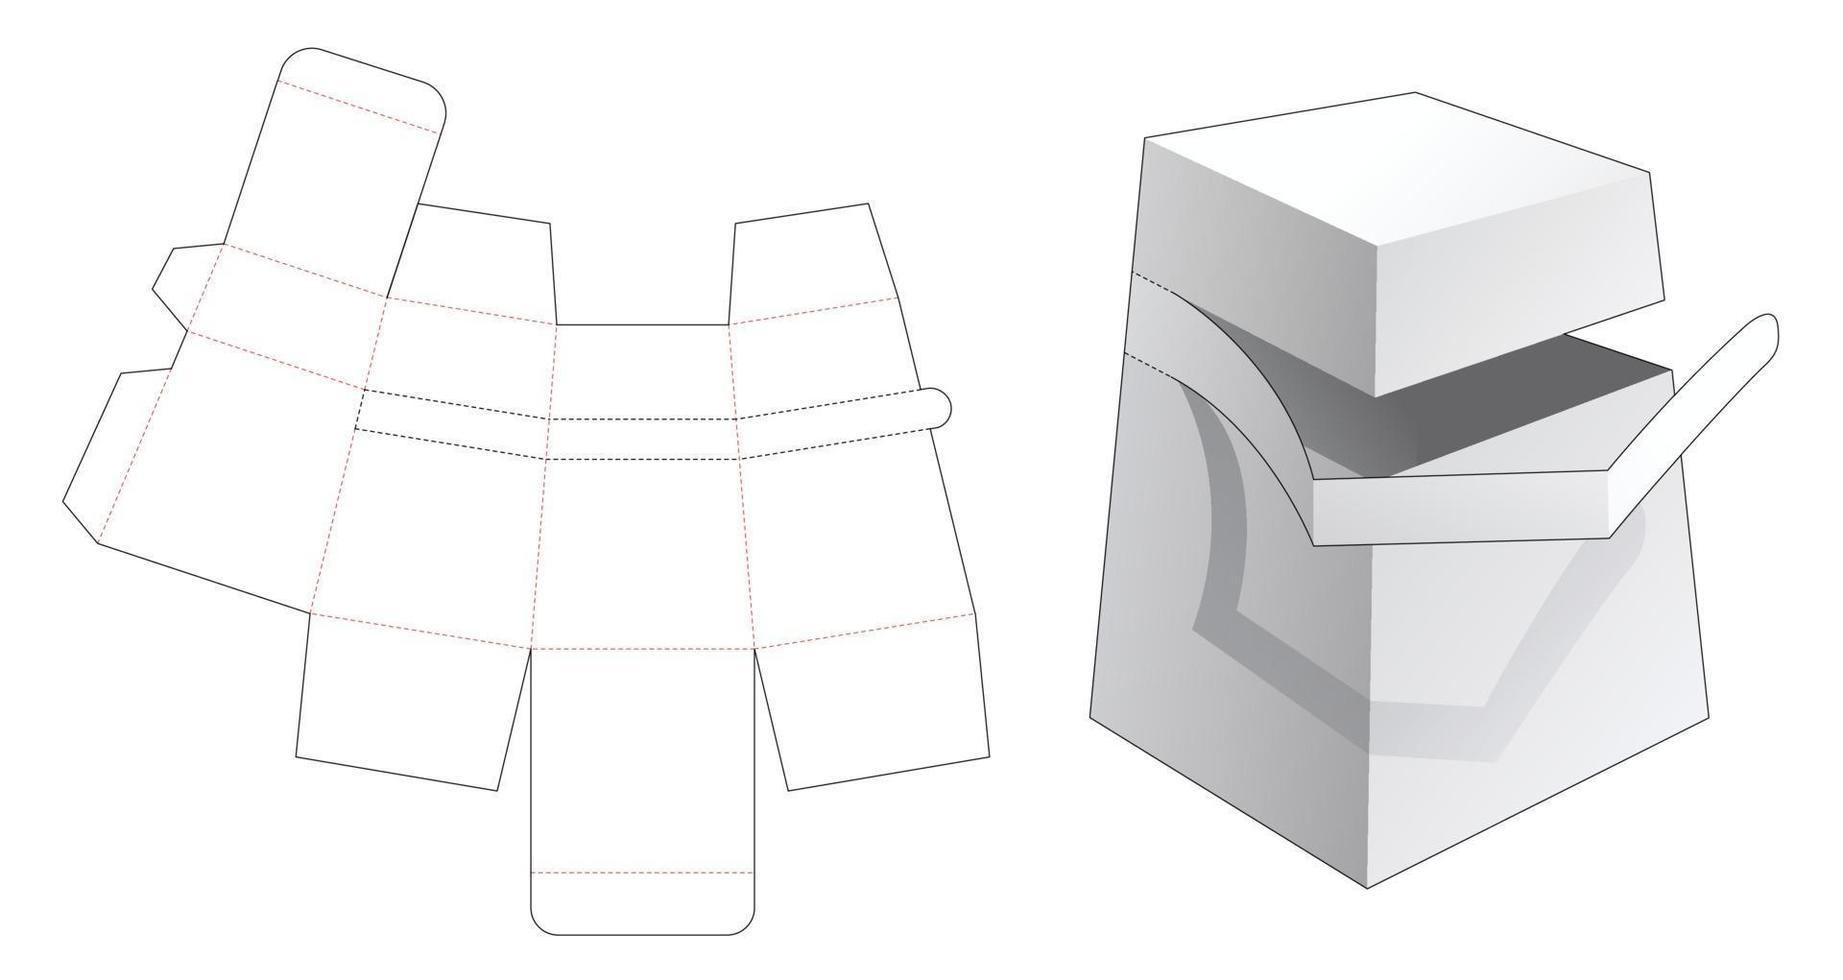 kartonnen obeliskdoos met gestanste sjabloon met ritssluiting vector